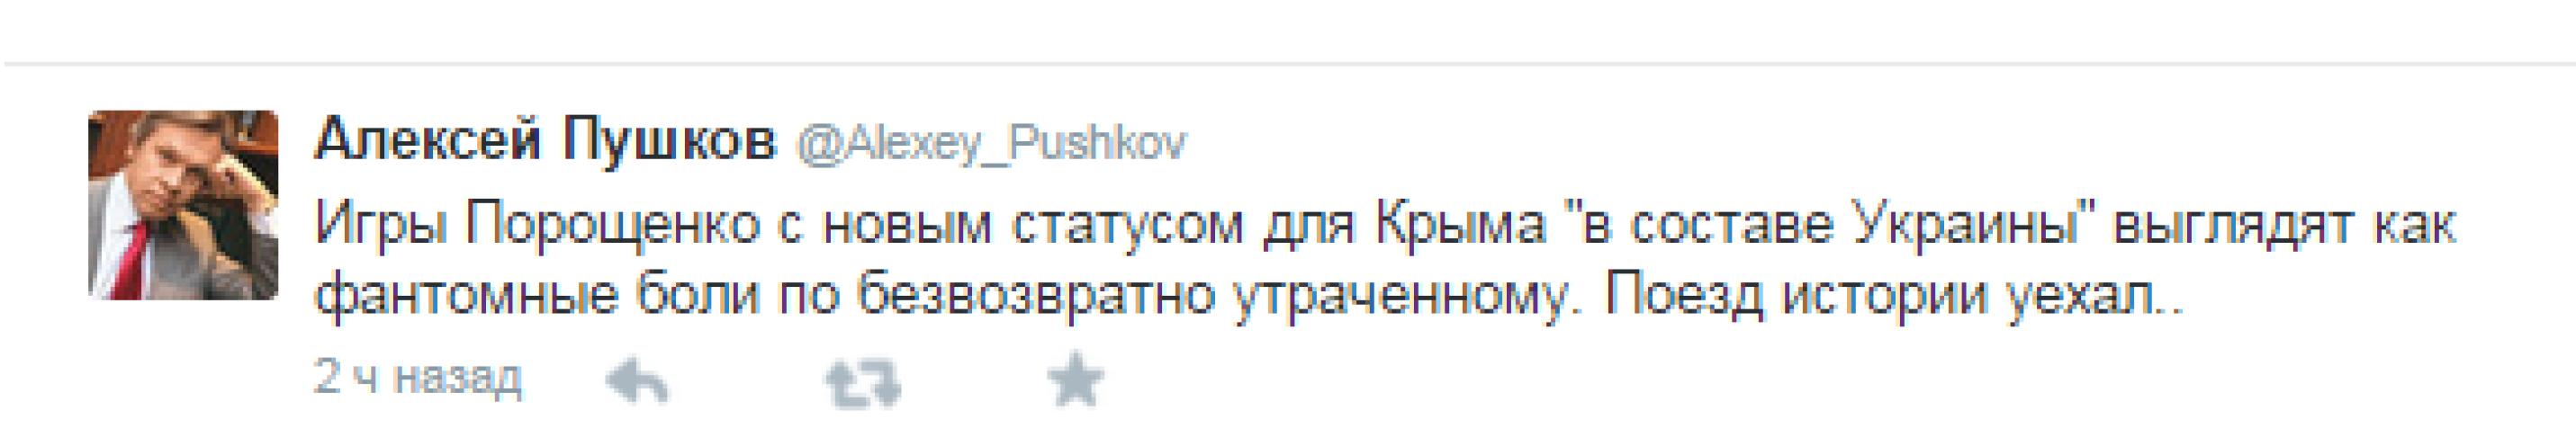 пушков_03 08